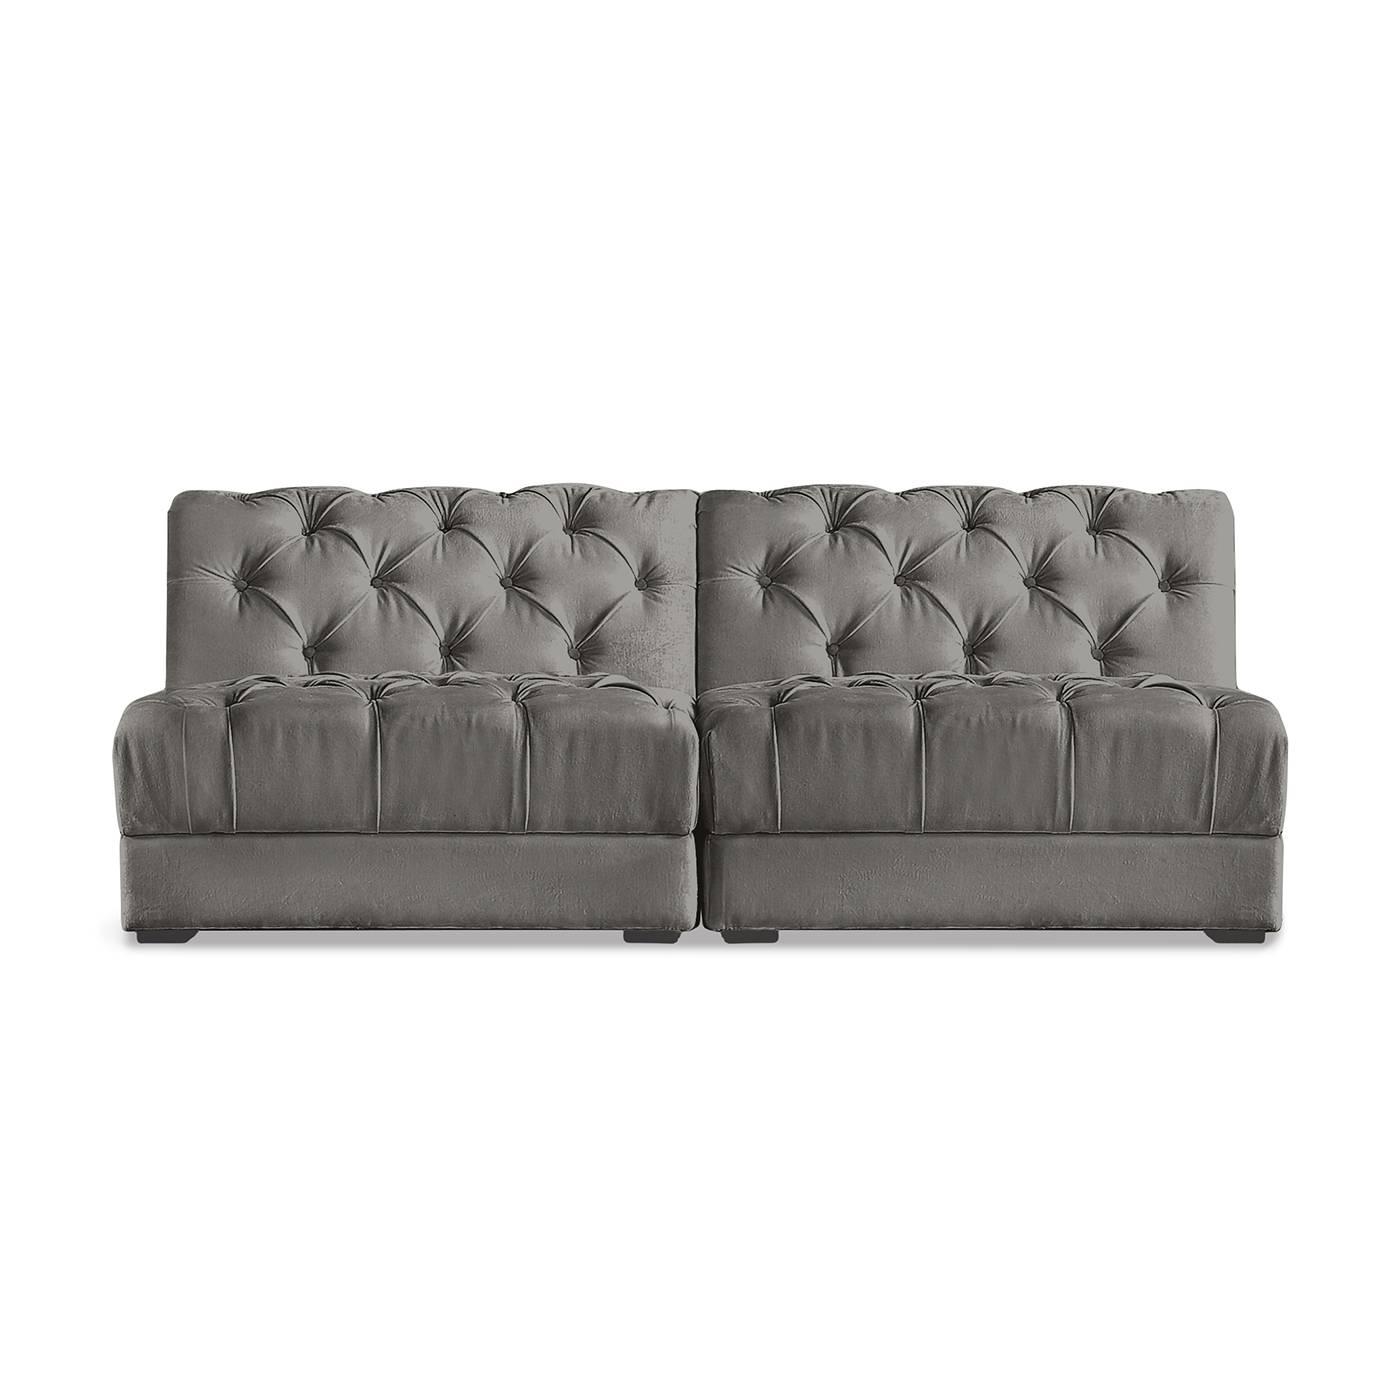 Ultra Slipper Sofa | Modern Furniture | Jonathan Adler intended for Slipper Sofas (Image 13 of 15)